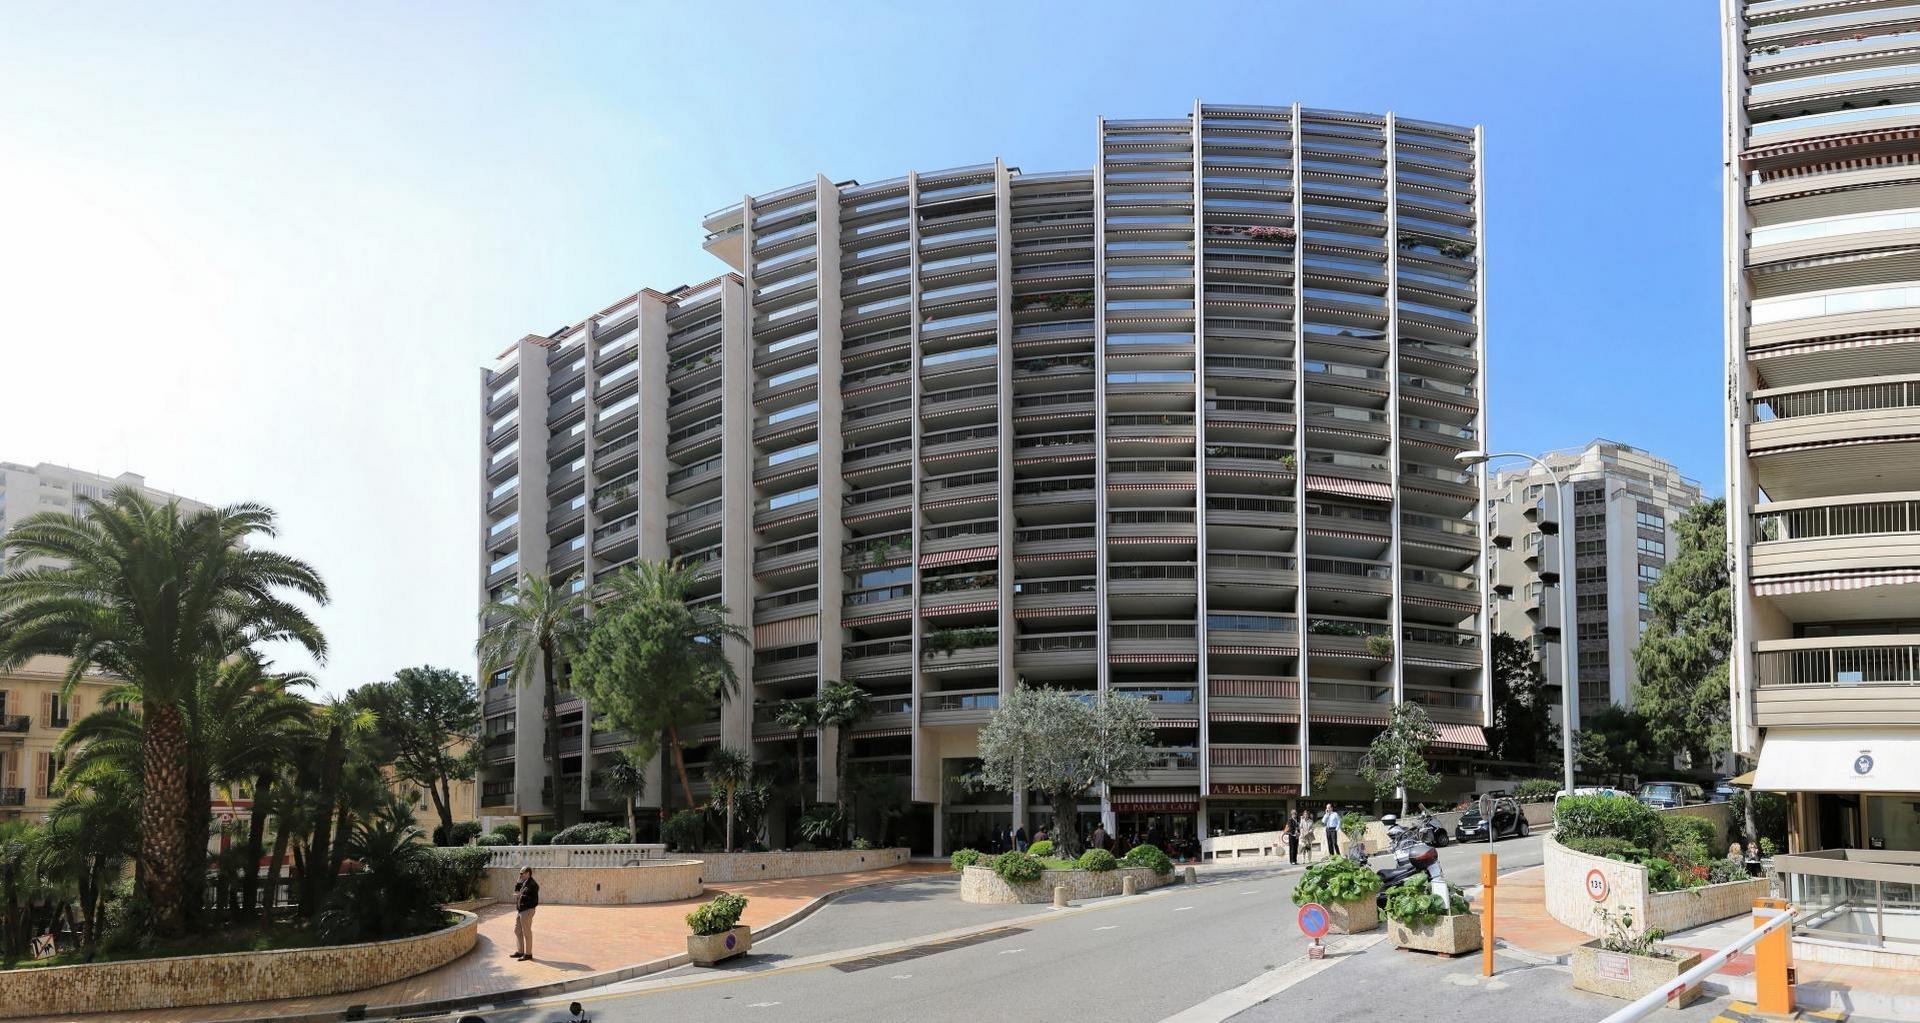 FONDS DE COMMERCE : COIFFEUR - Bureaux à vendre à Monaco